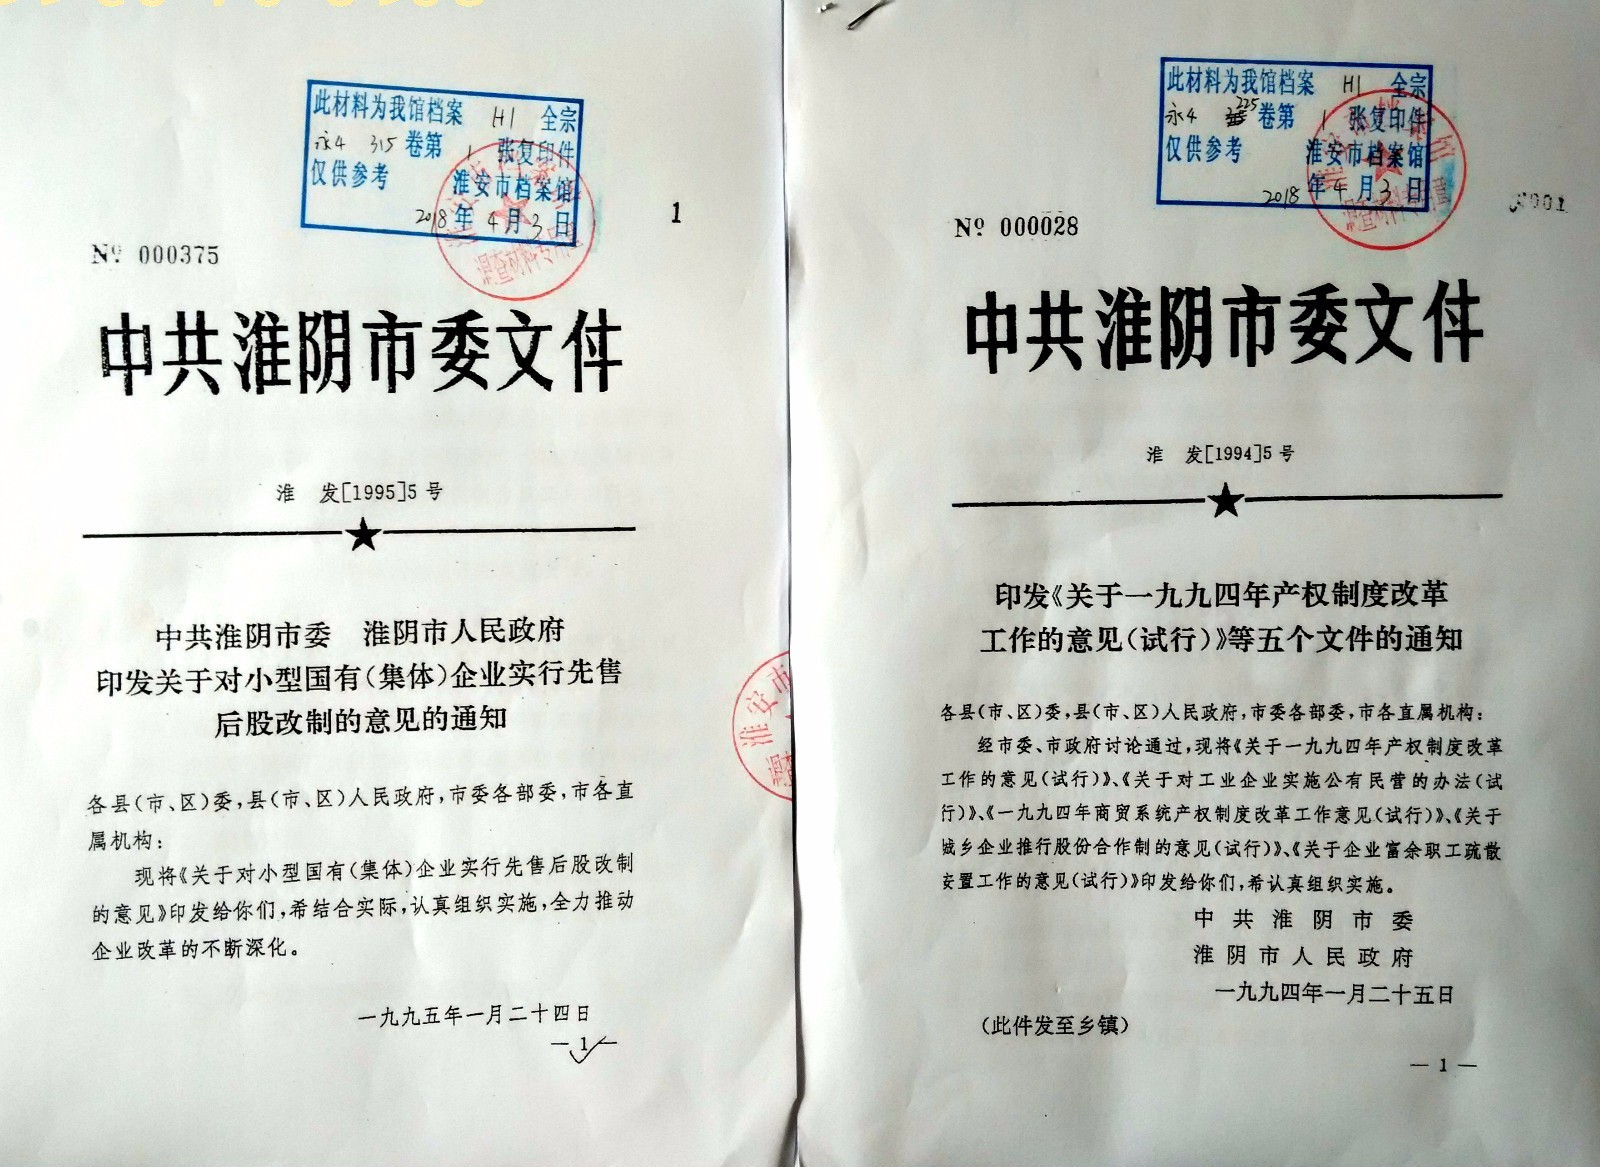 淮阴市委关于企业改革的文件_meitu_2.jpg